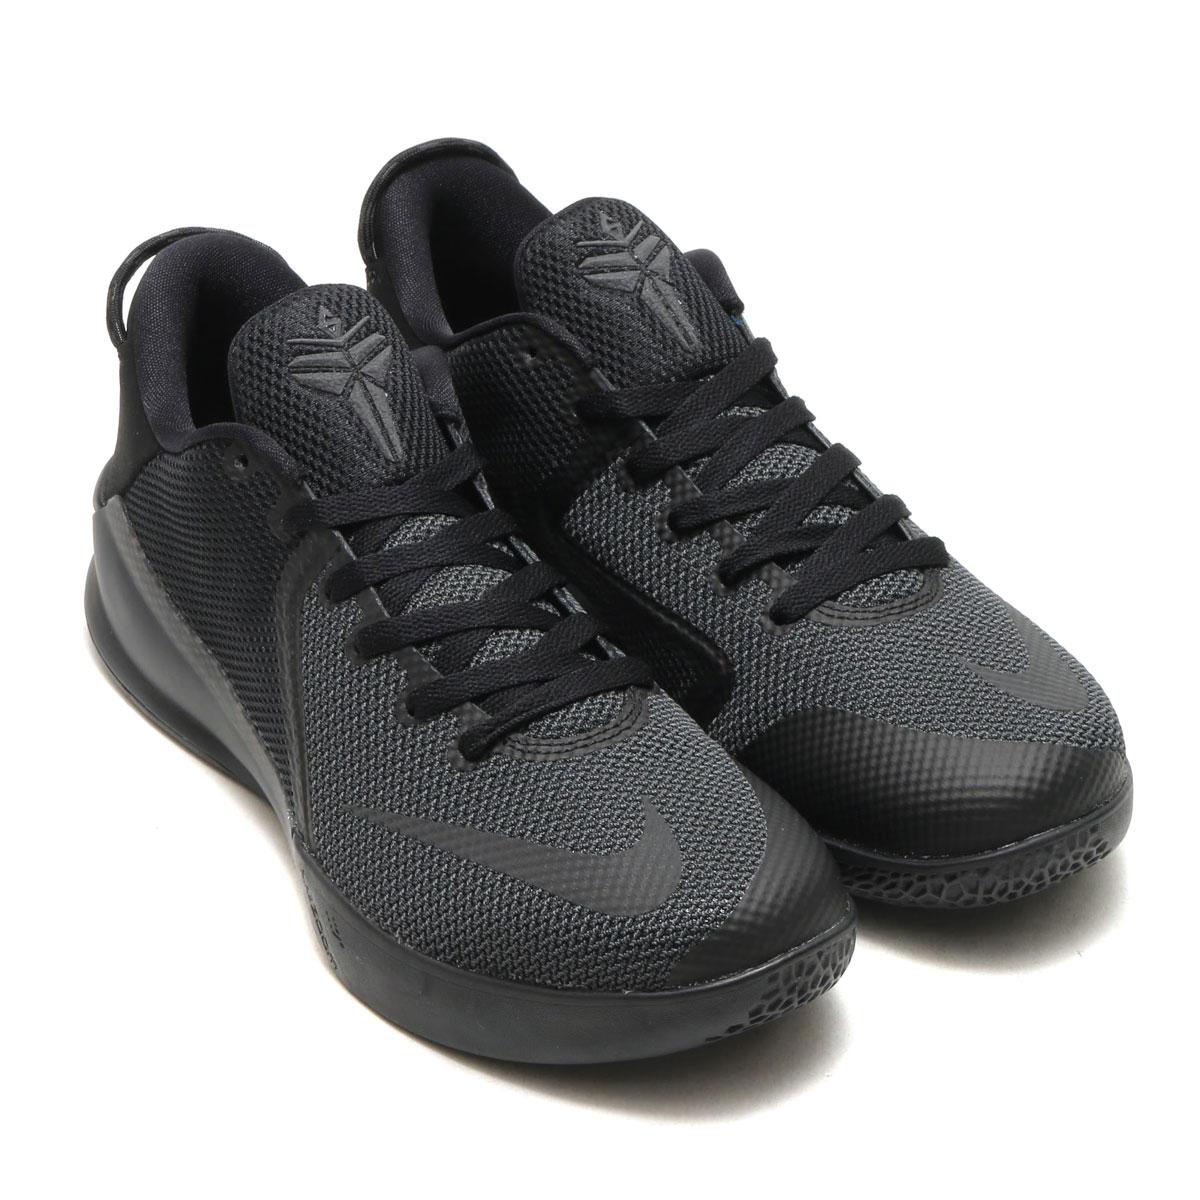 Torrente Cortar Estación de ferrocarril  The Nike Zoom Kobe Venomenon 6 Surfaces in Triple Black - WearTesters